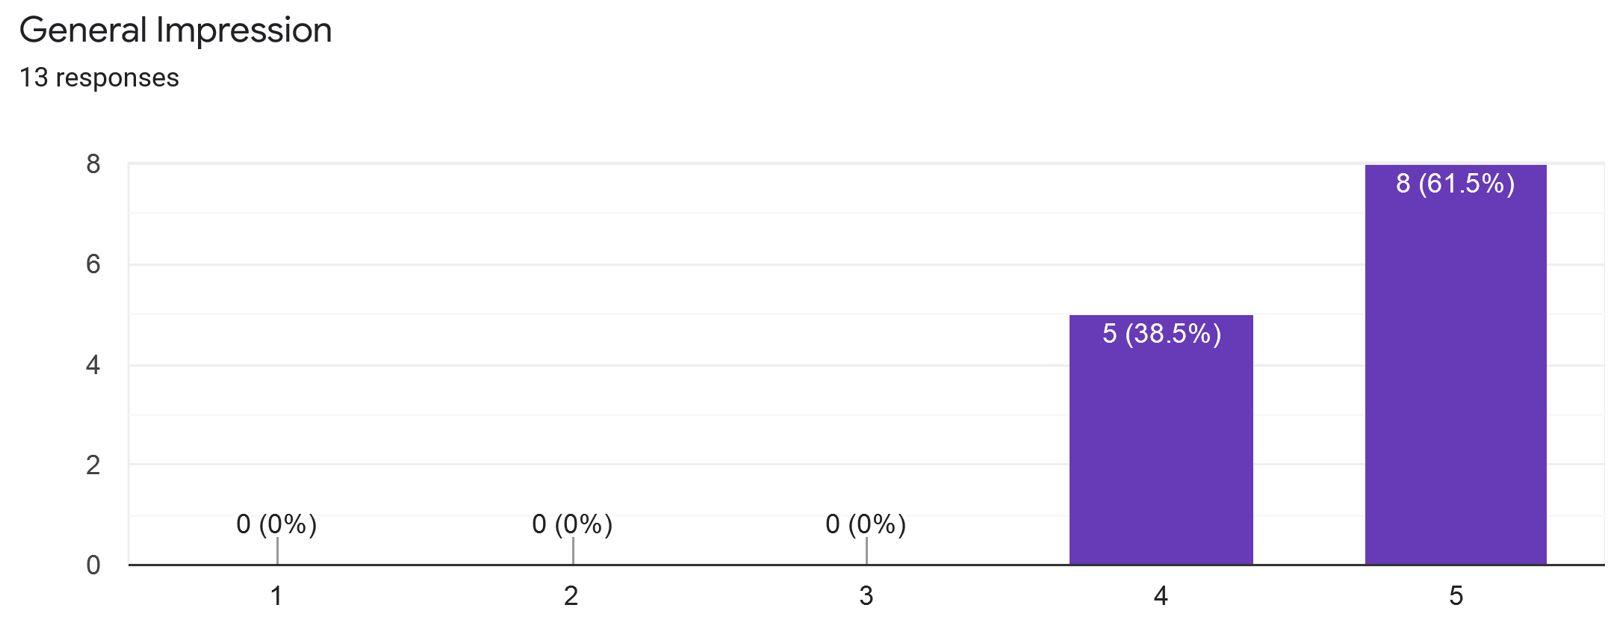 GEG 2020 survey